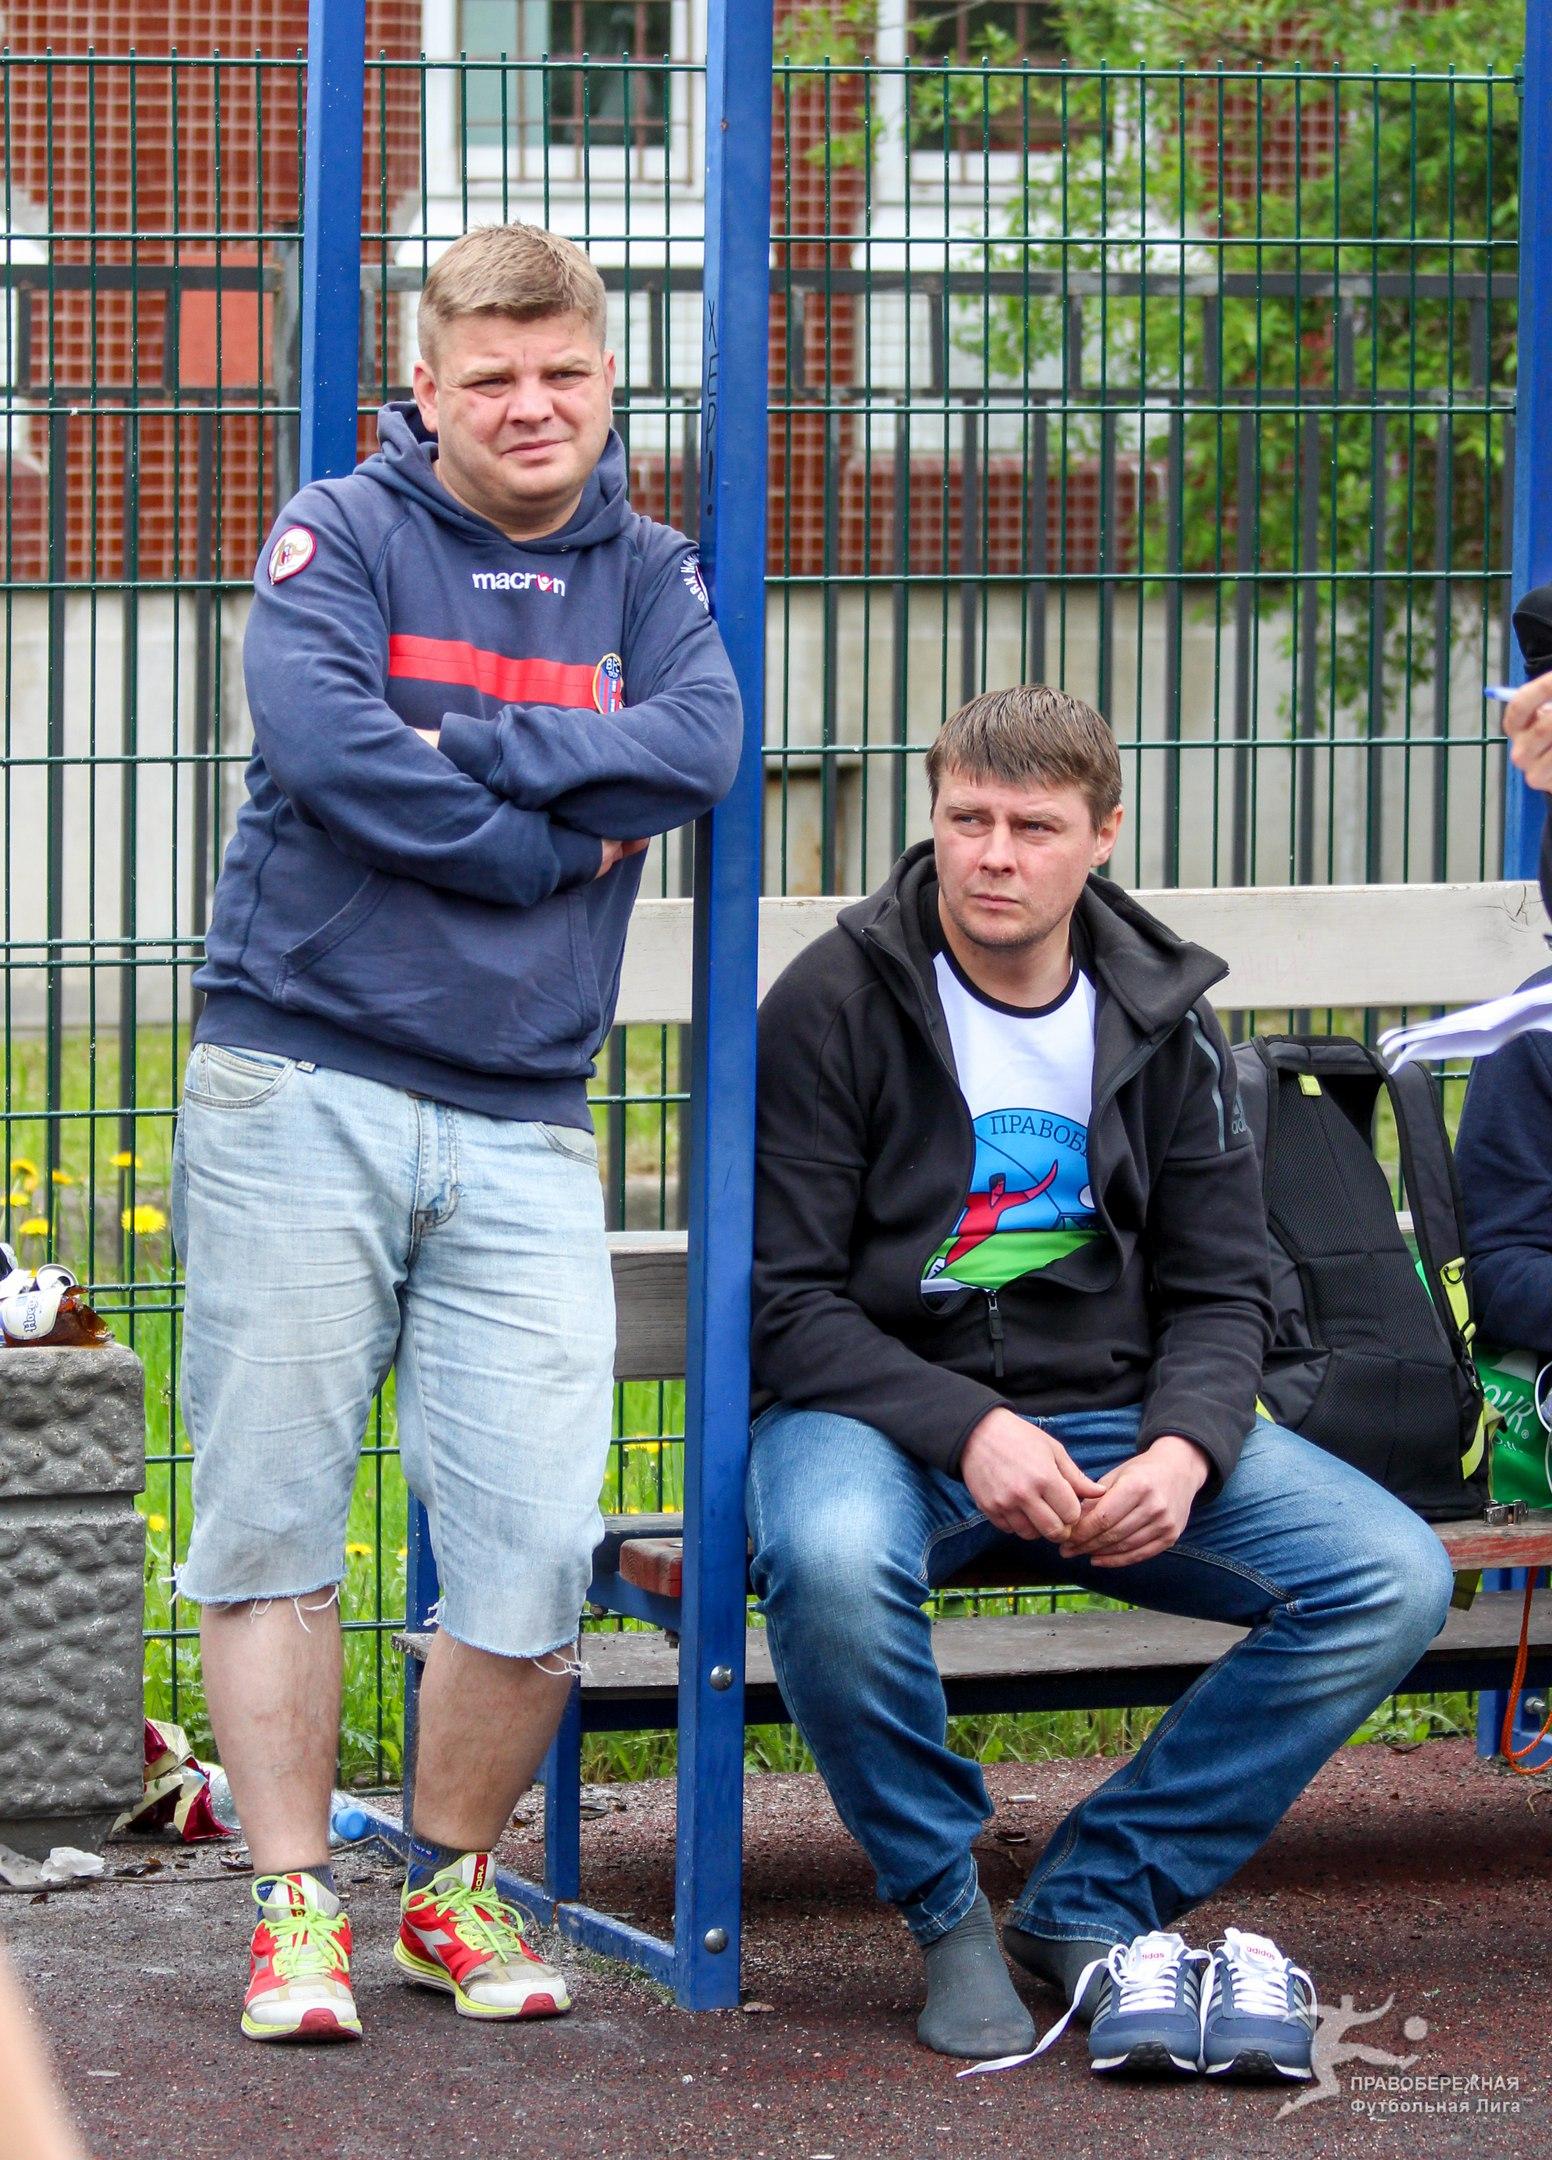 Андрей Наумочкин и Максим Русаков на турнире пенальтистов 2017